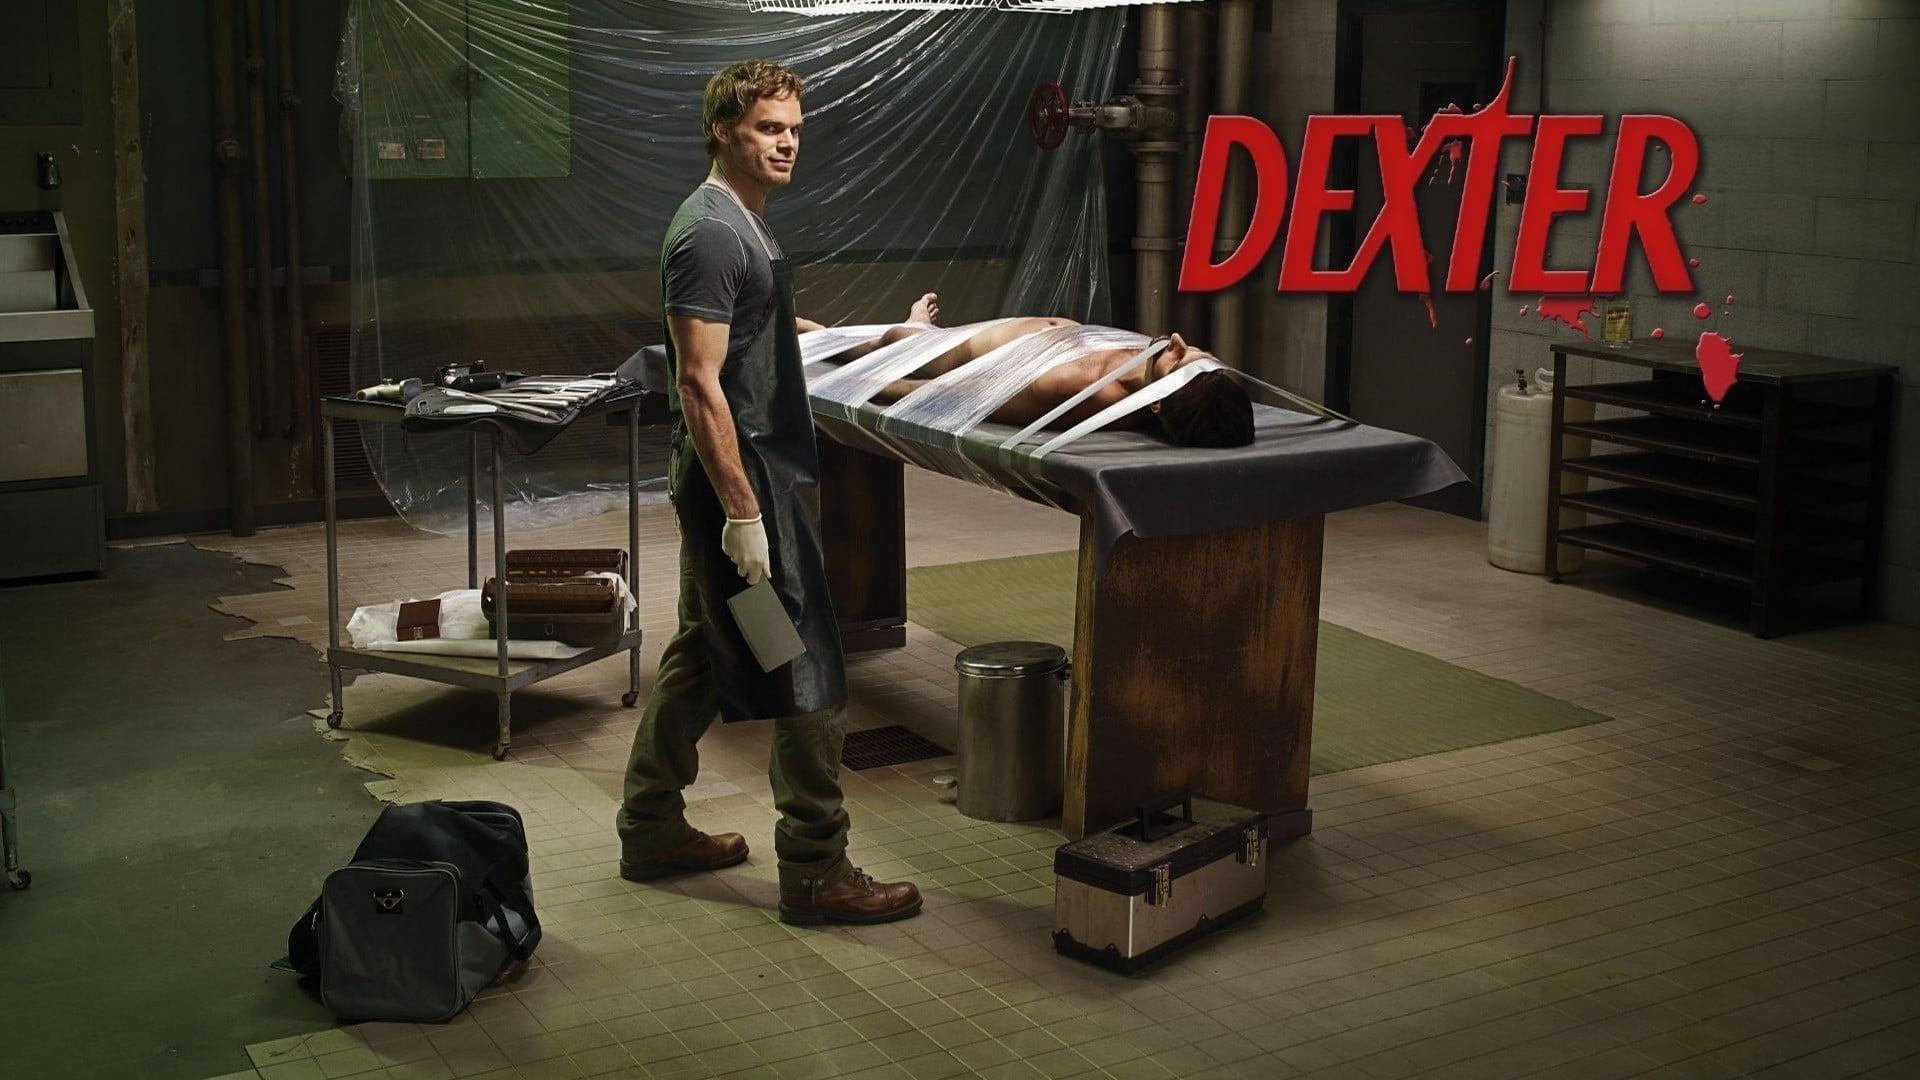 Dexter vervolg verschijnt in november